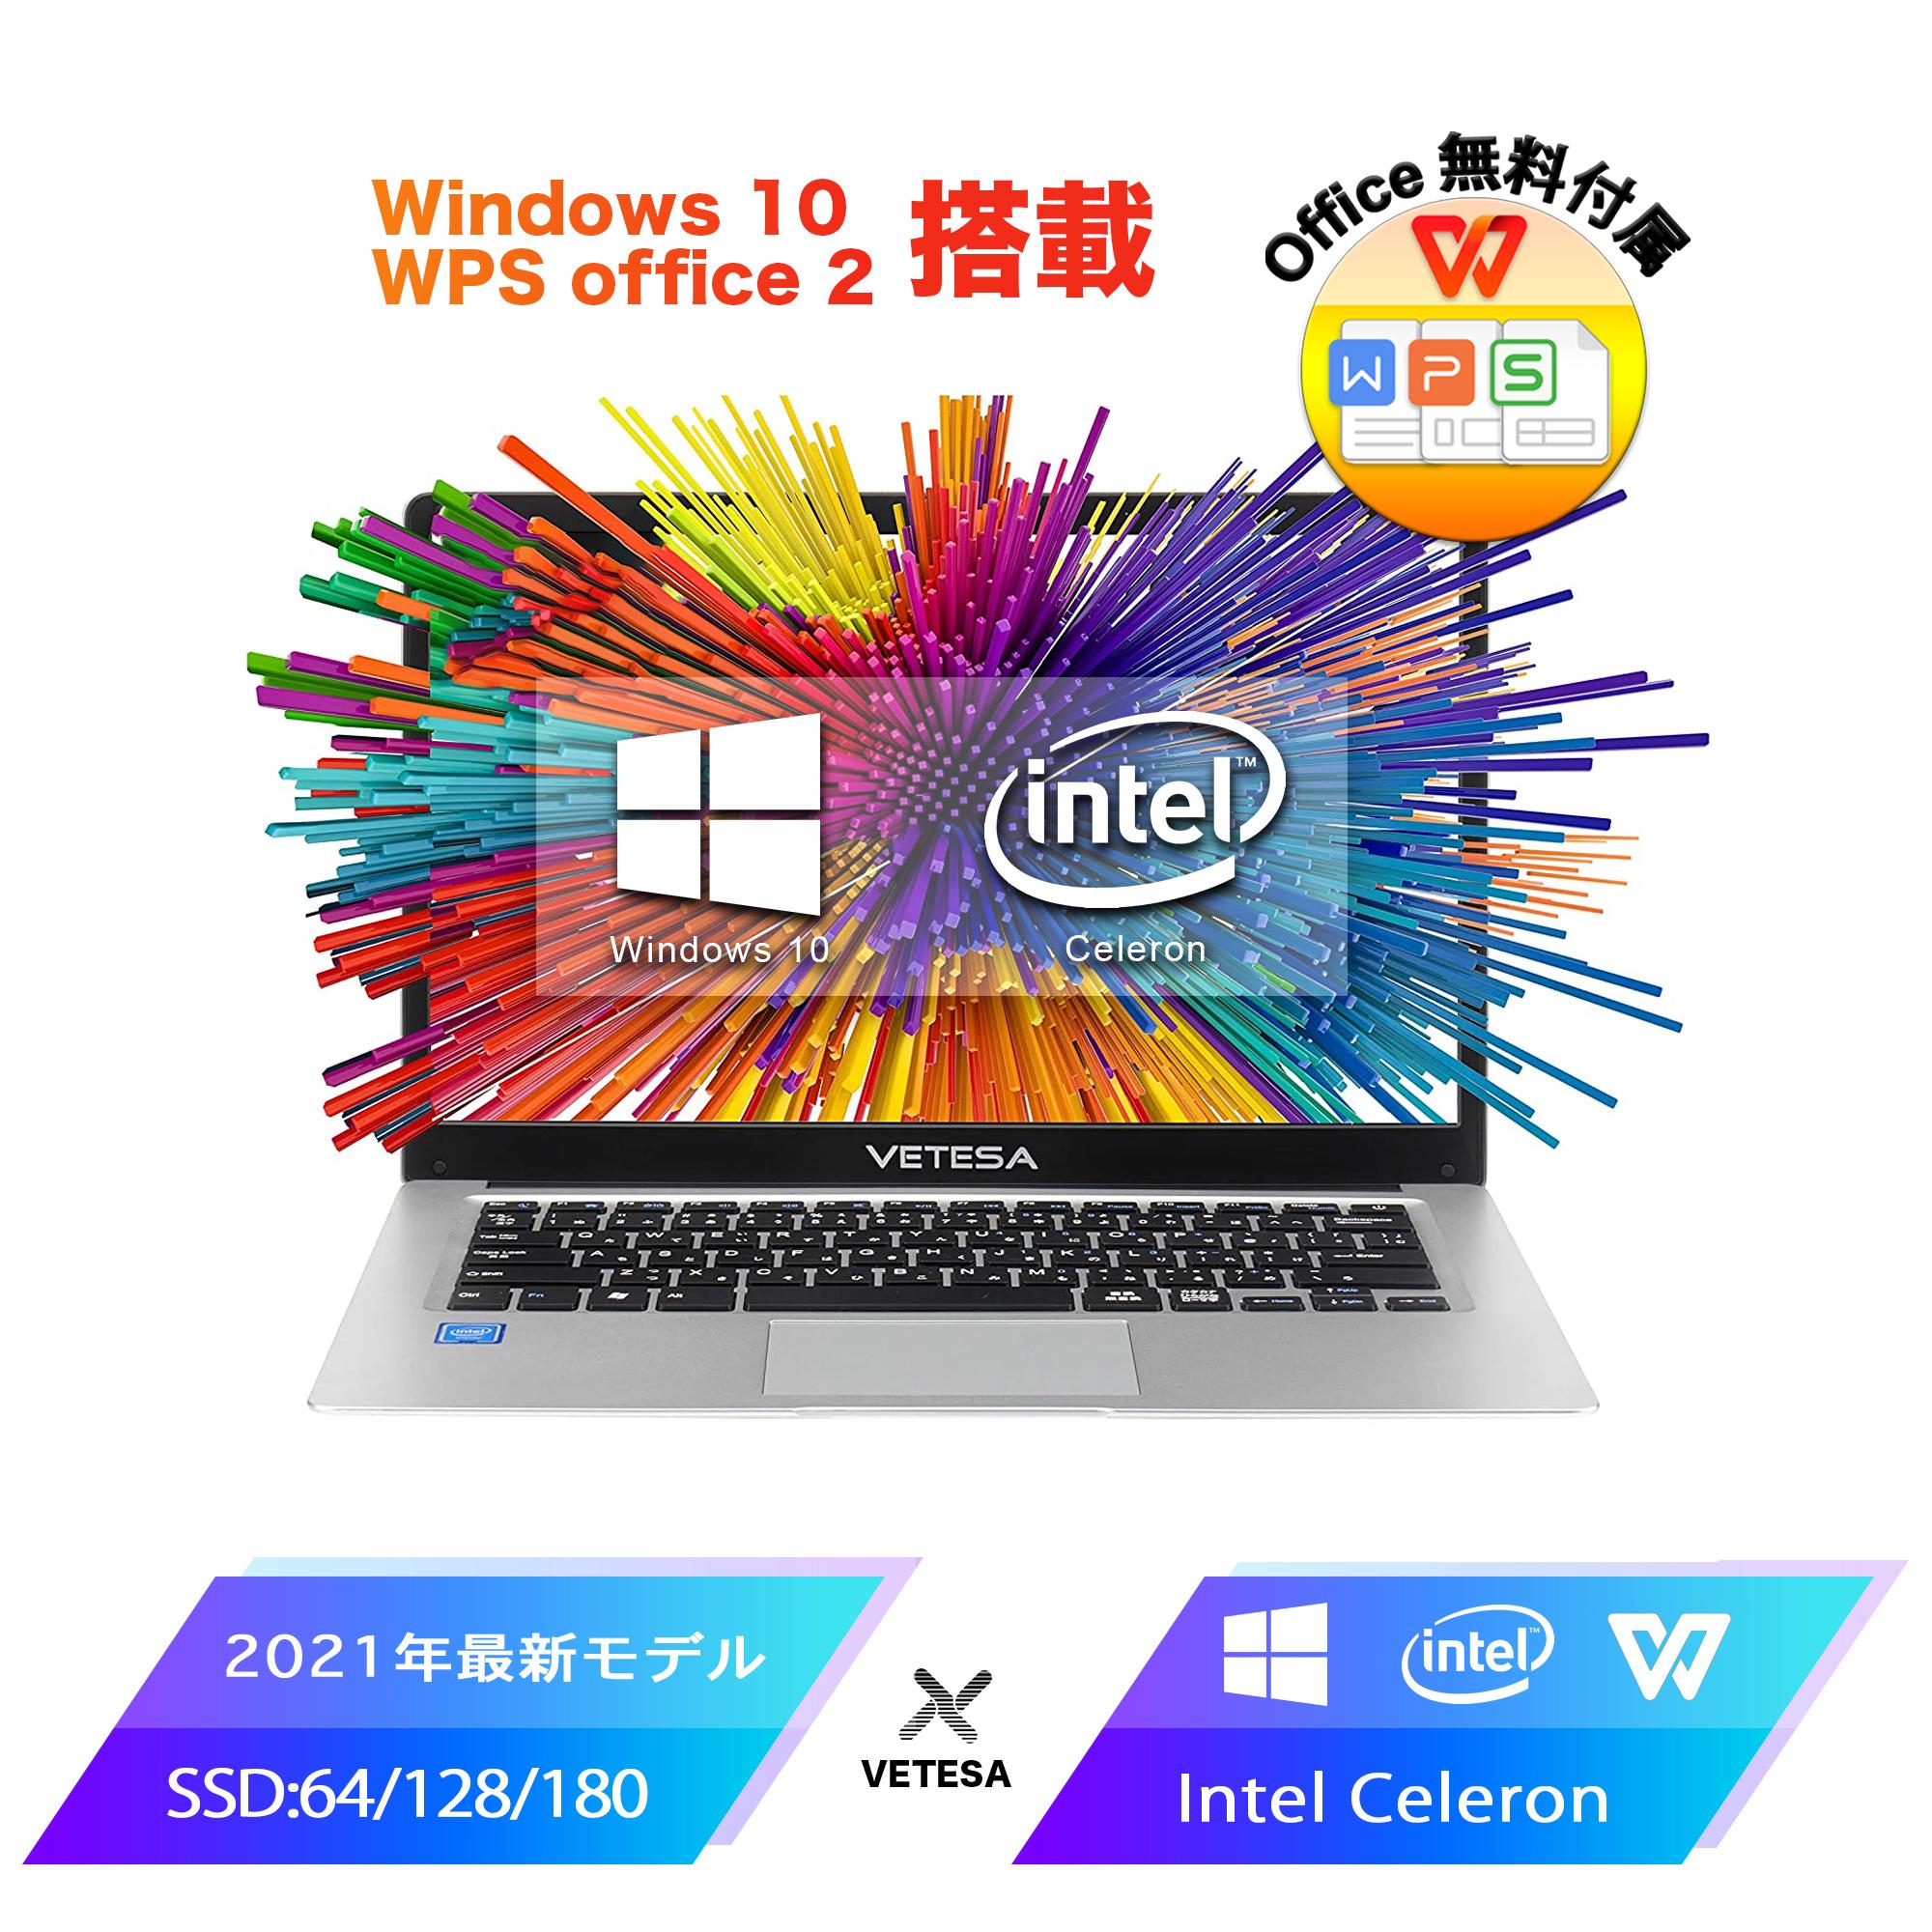 --送料無料-- パソコン ノートパソコン 新品 初心者向け Office付き【Windows 10Pro搭載】初期設定済 インテル Celeron /メモリー:4GB/SSD:64GB/14.1インチ/日本語キーボードフィルム/コンパクトWebカメラ/無線搭載/軽量薄型新品ノートパソコン(14E8-US)